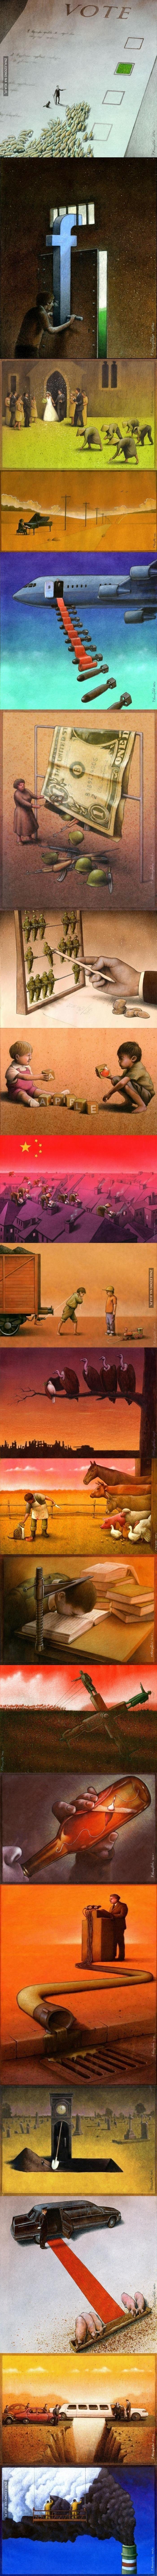 Obrazki, które zmienią twój światopogląd